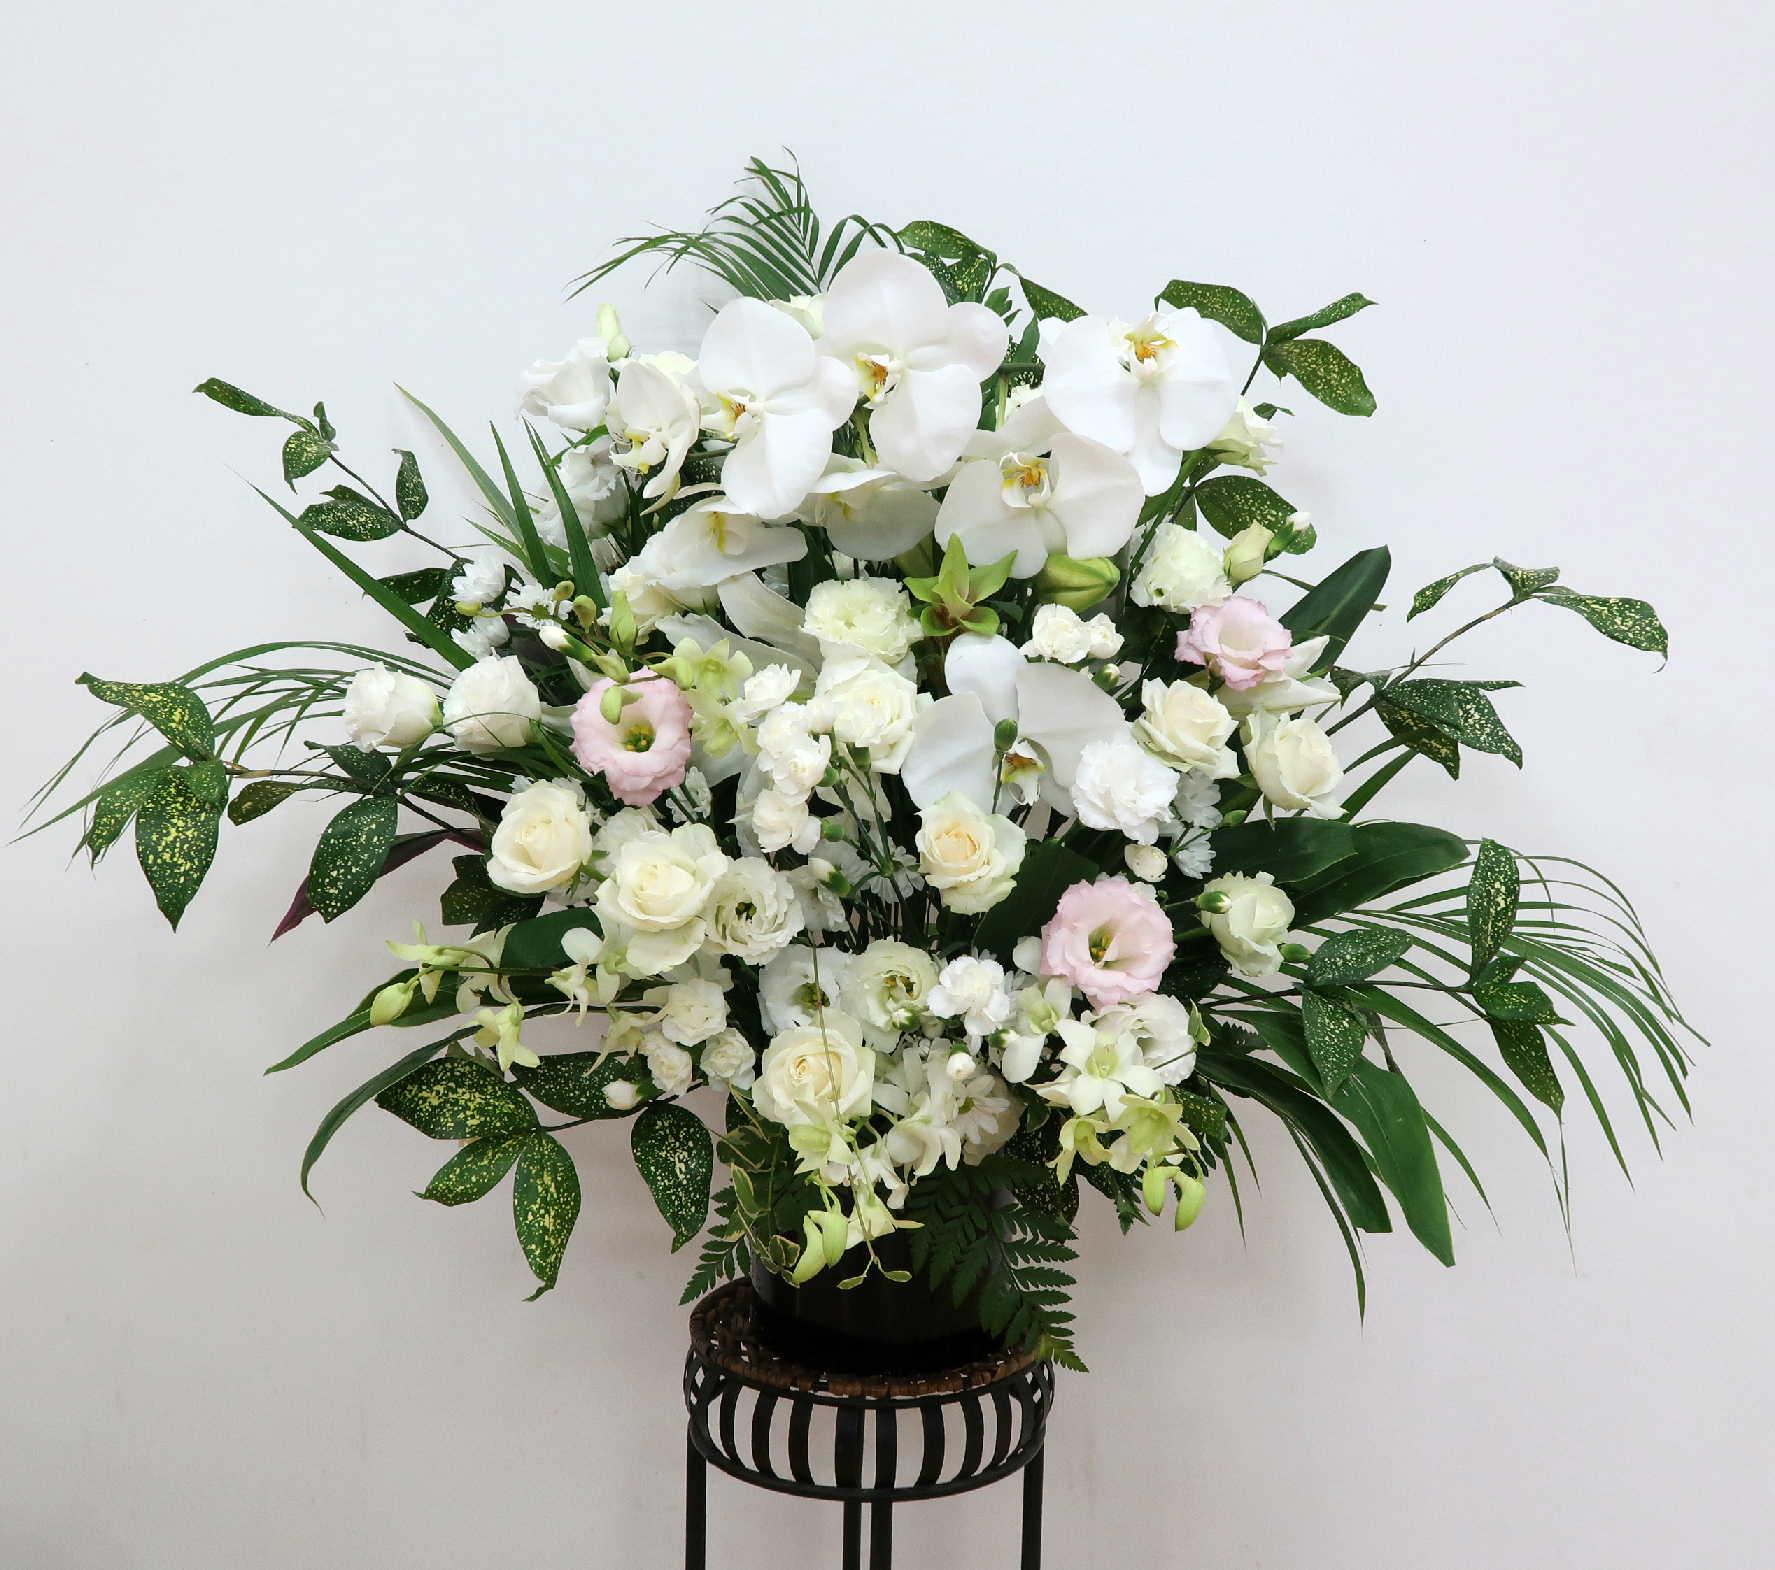 【フューネラル・パライソ】 蘭とバラとユリのアレンジメント画像